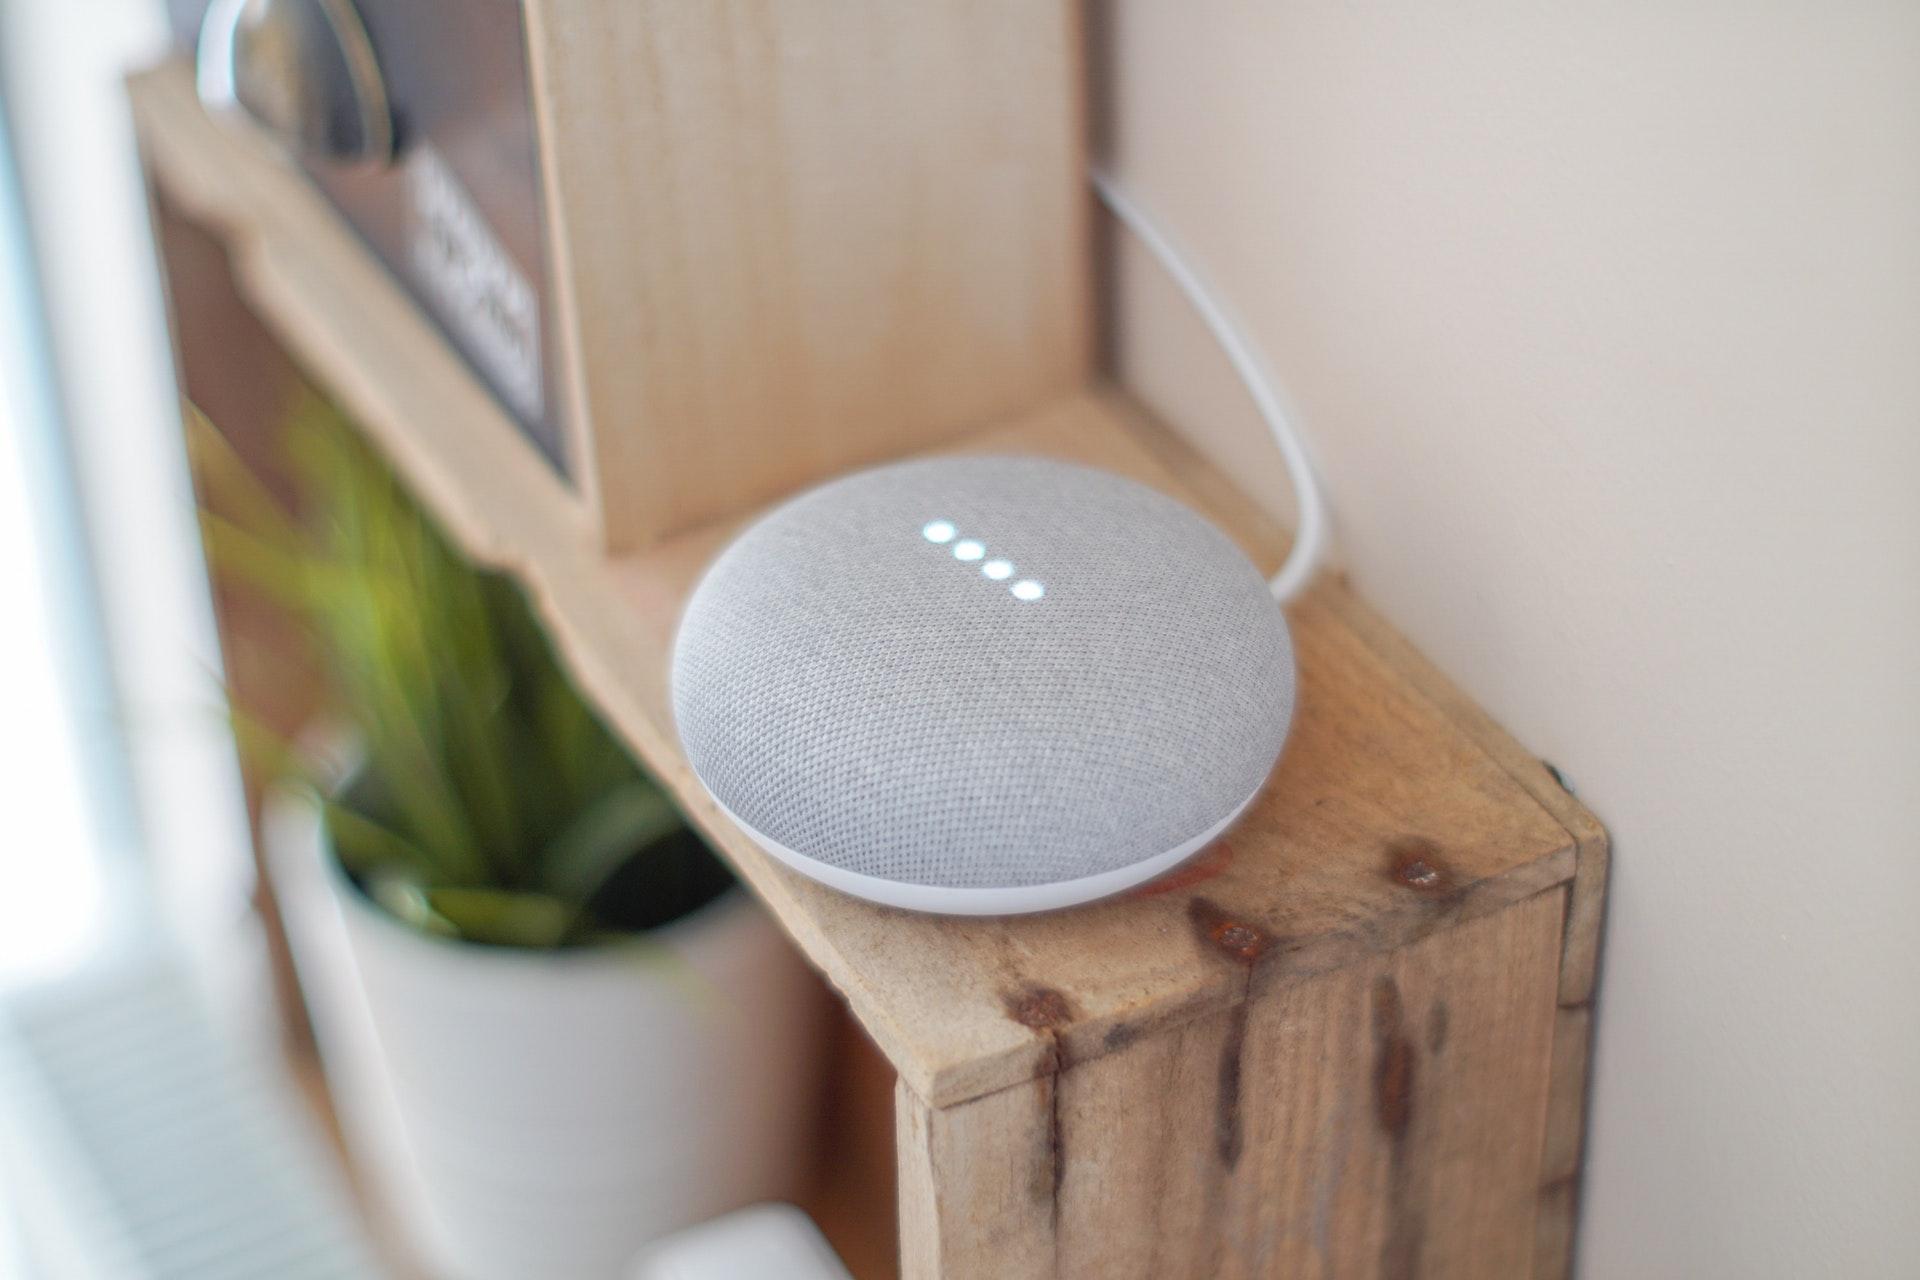 スマートスピーカーを1年使った感想。Google Homeをレビュー。